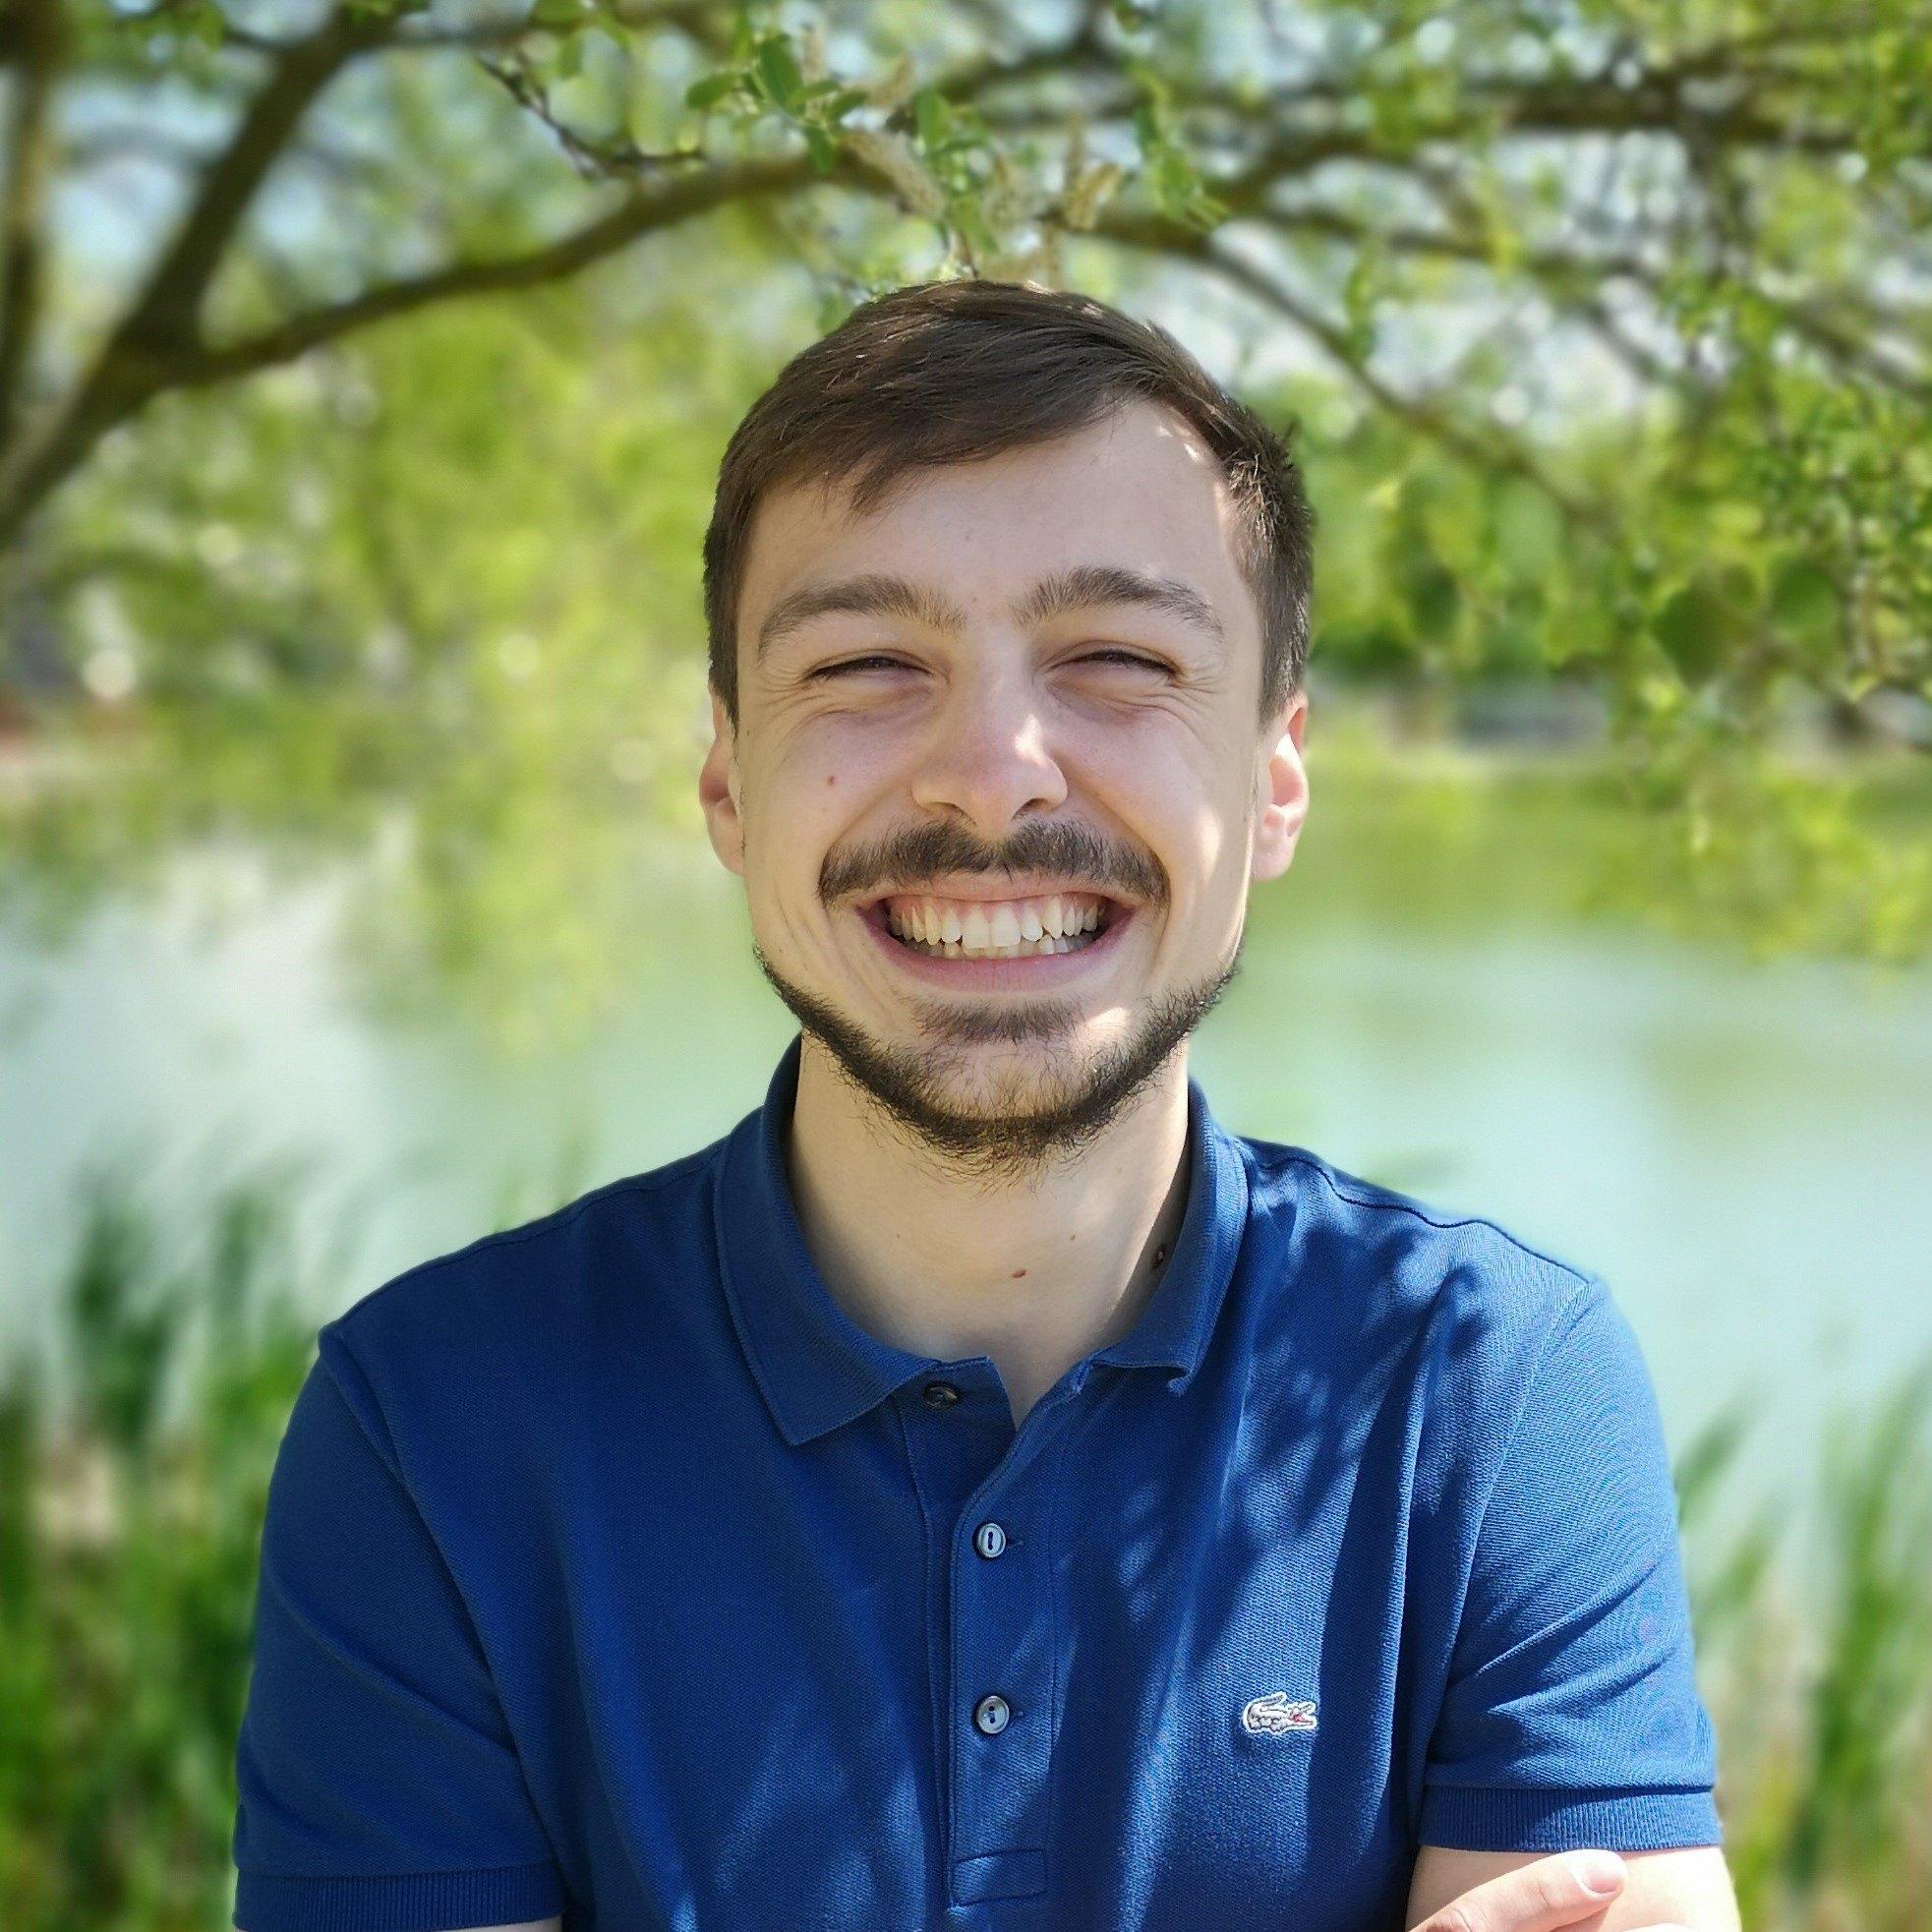 Sébastien Parys, Chargé de développement relation client à Graciet & Co